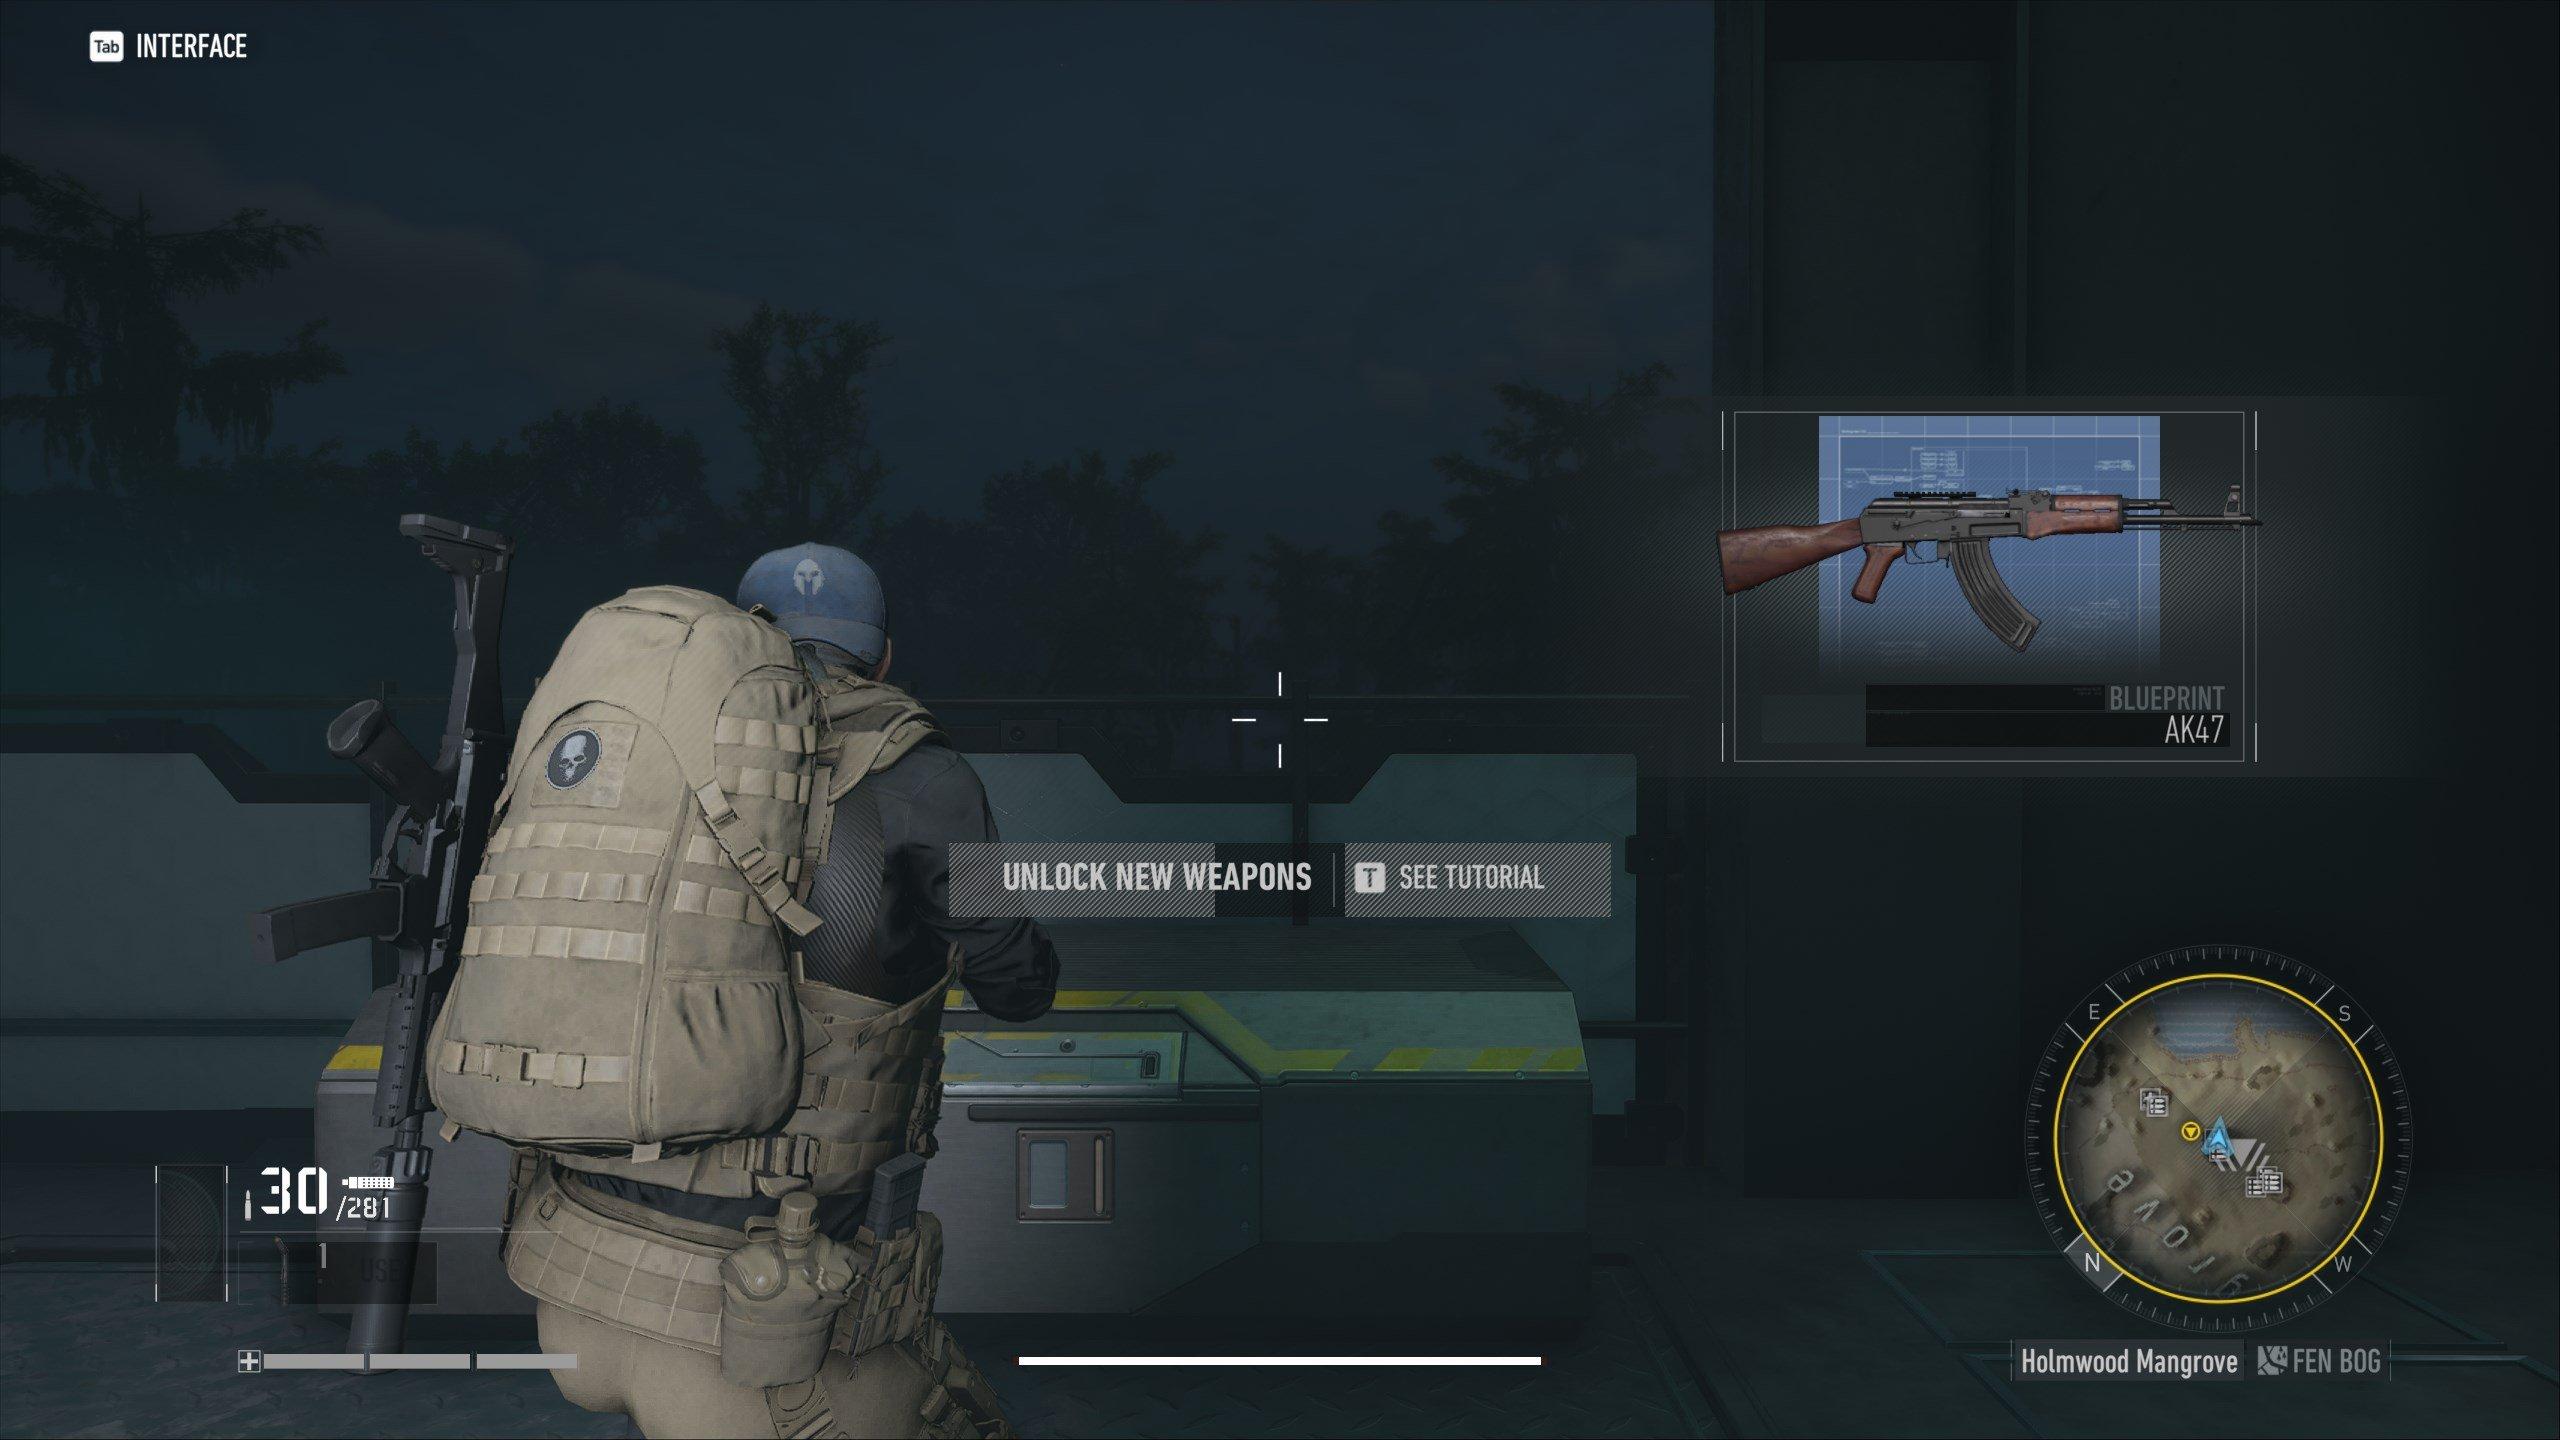 Localização do modelo AK47 - Ponto de interrupção do Ghost Recon